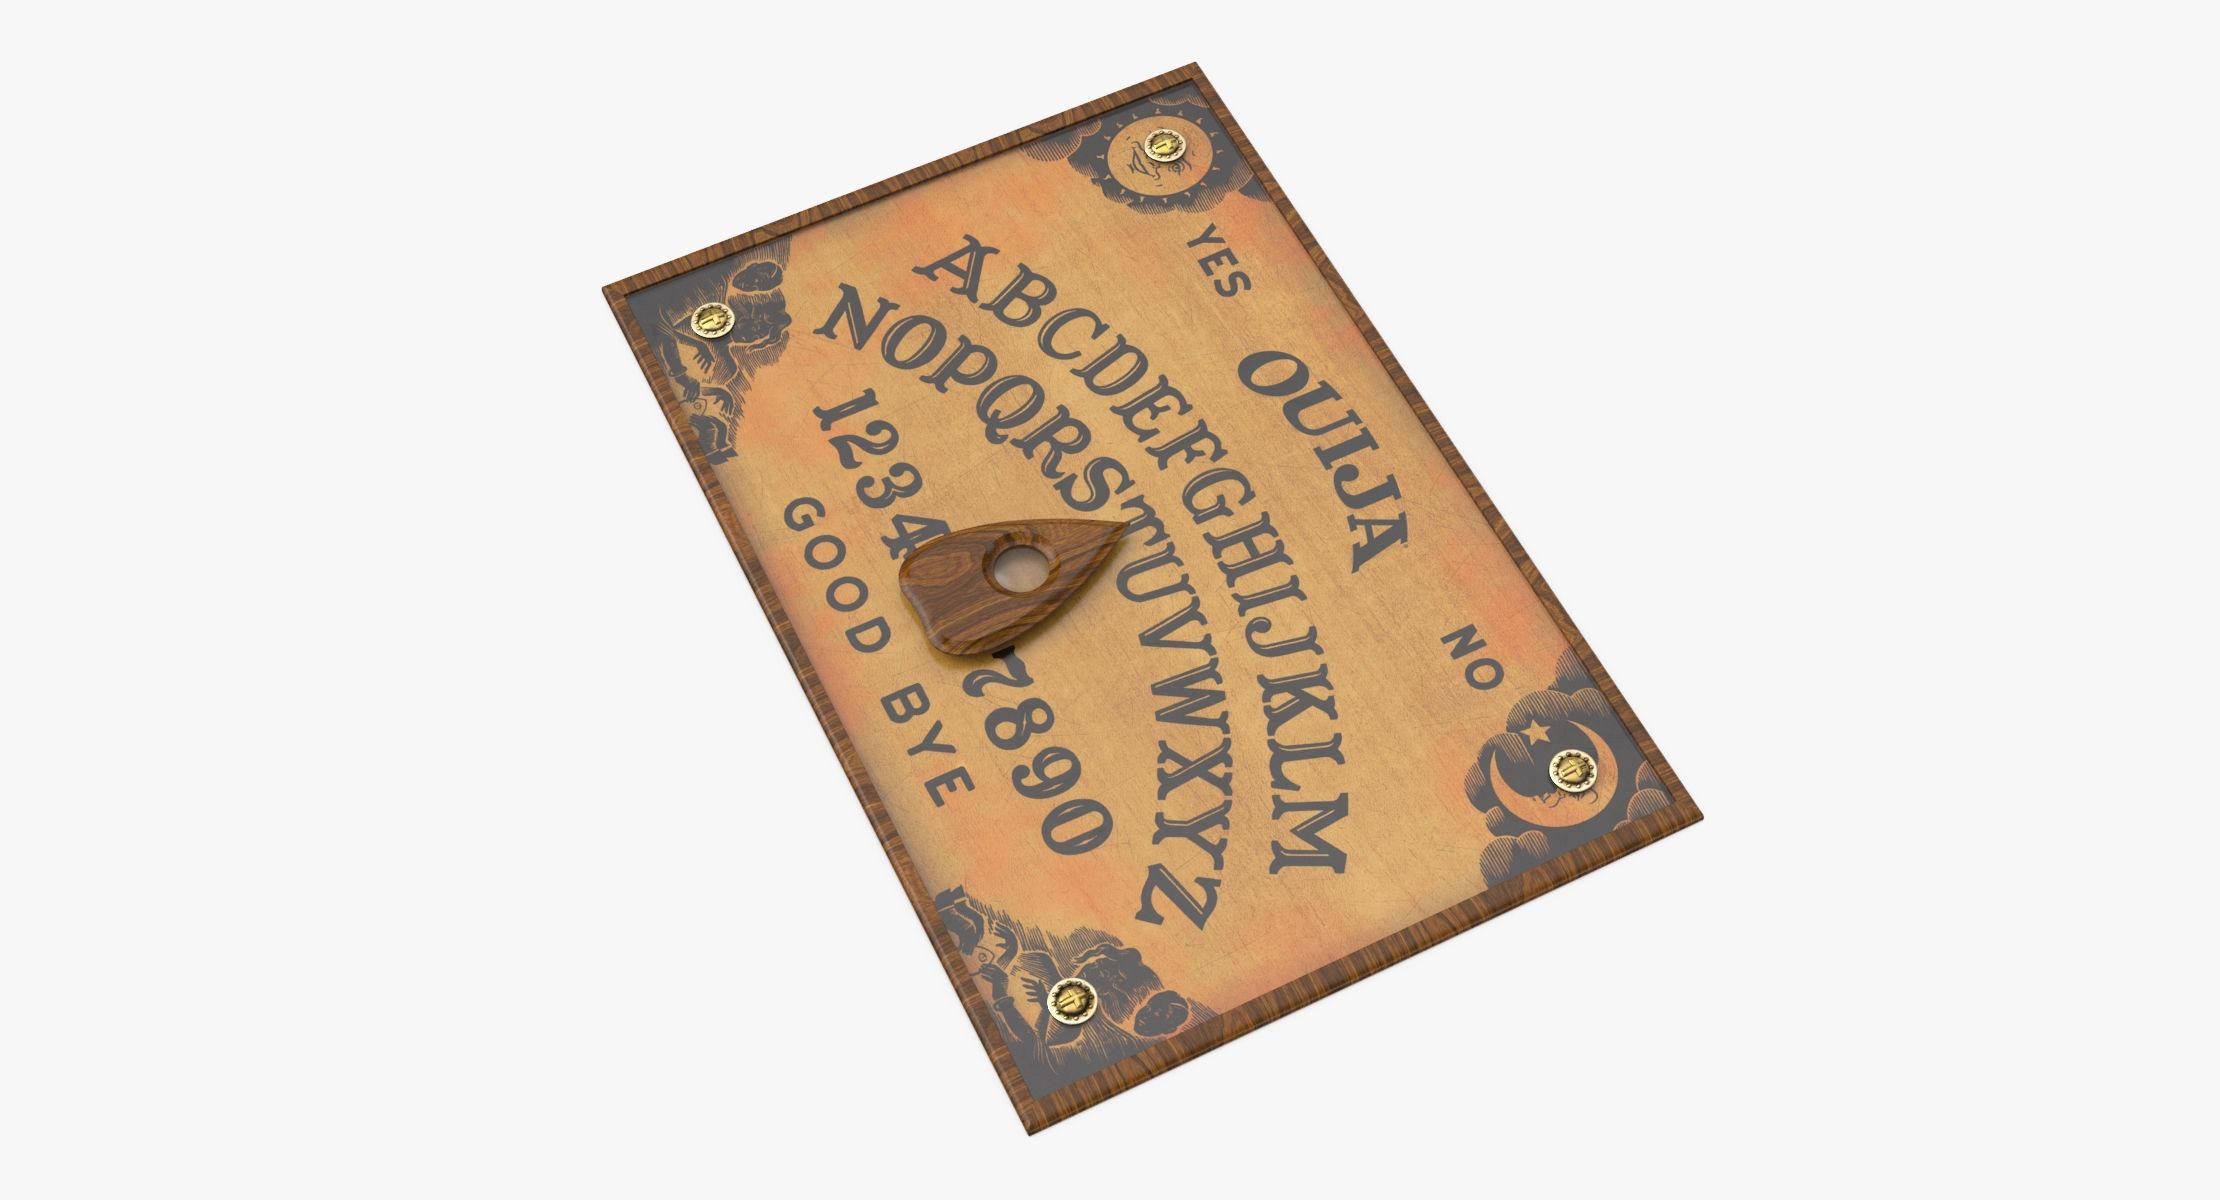 Ouija Board 01 - reel 1